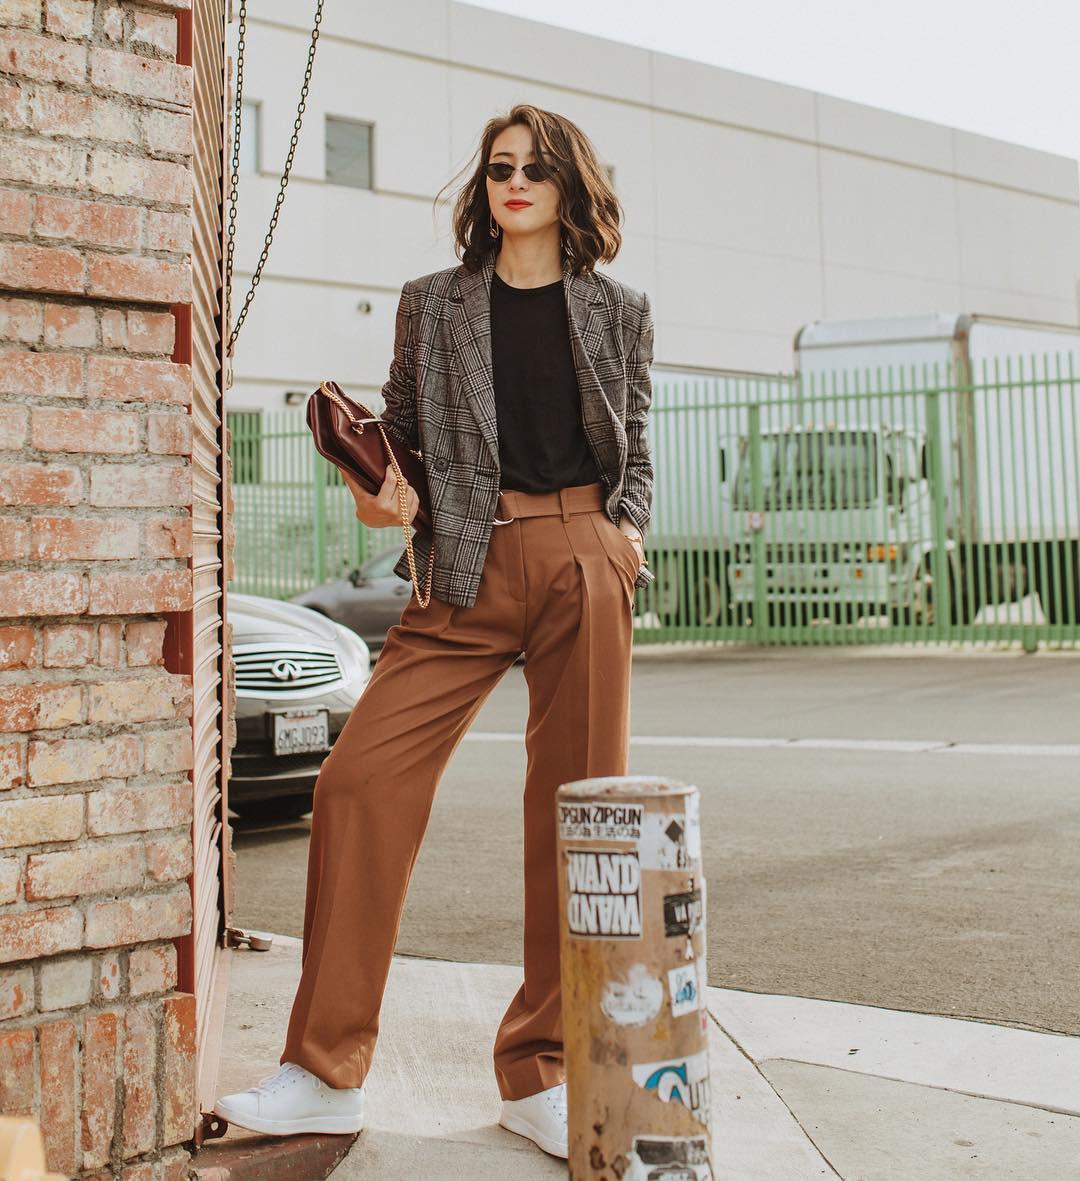 Khi bị đồng nghiệp chê mặc xấu: Nàng công sở đừng mặc kệ mà hãy cải tổ phong cách với 8 items sau đây-11